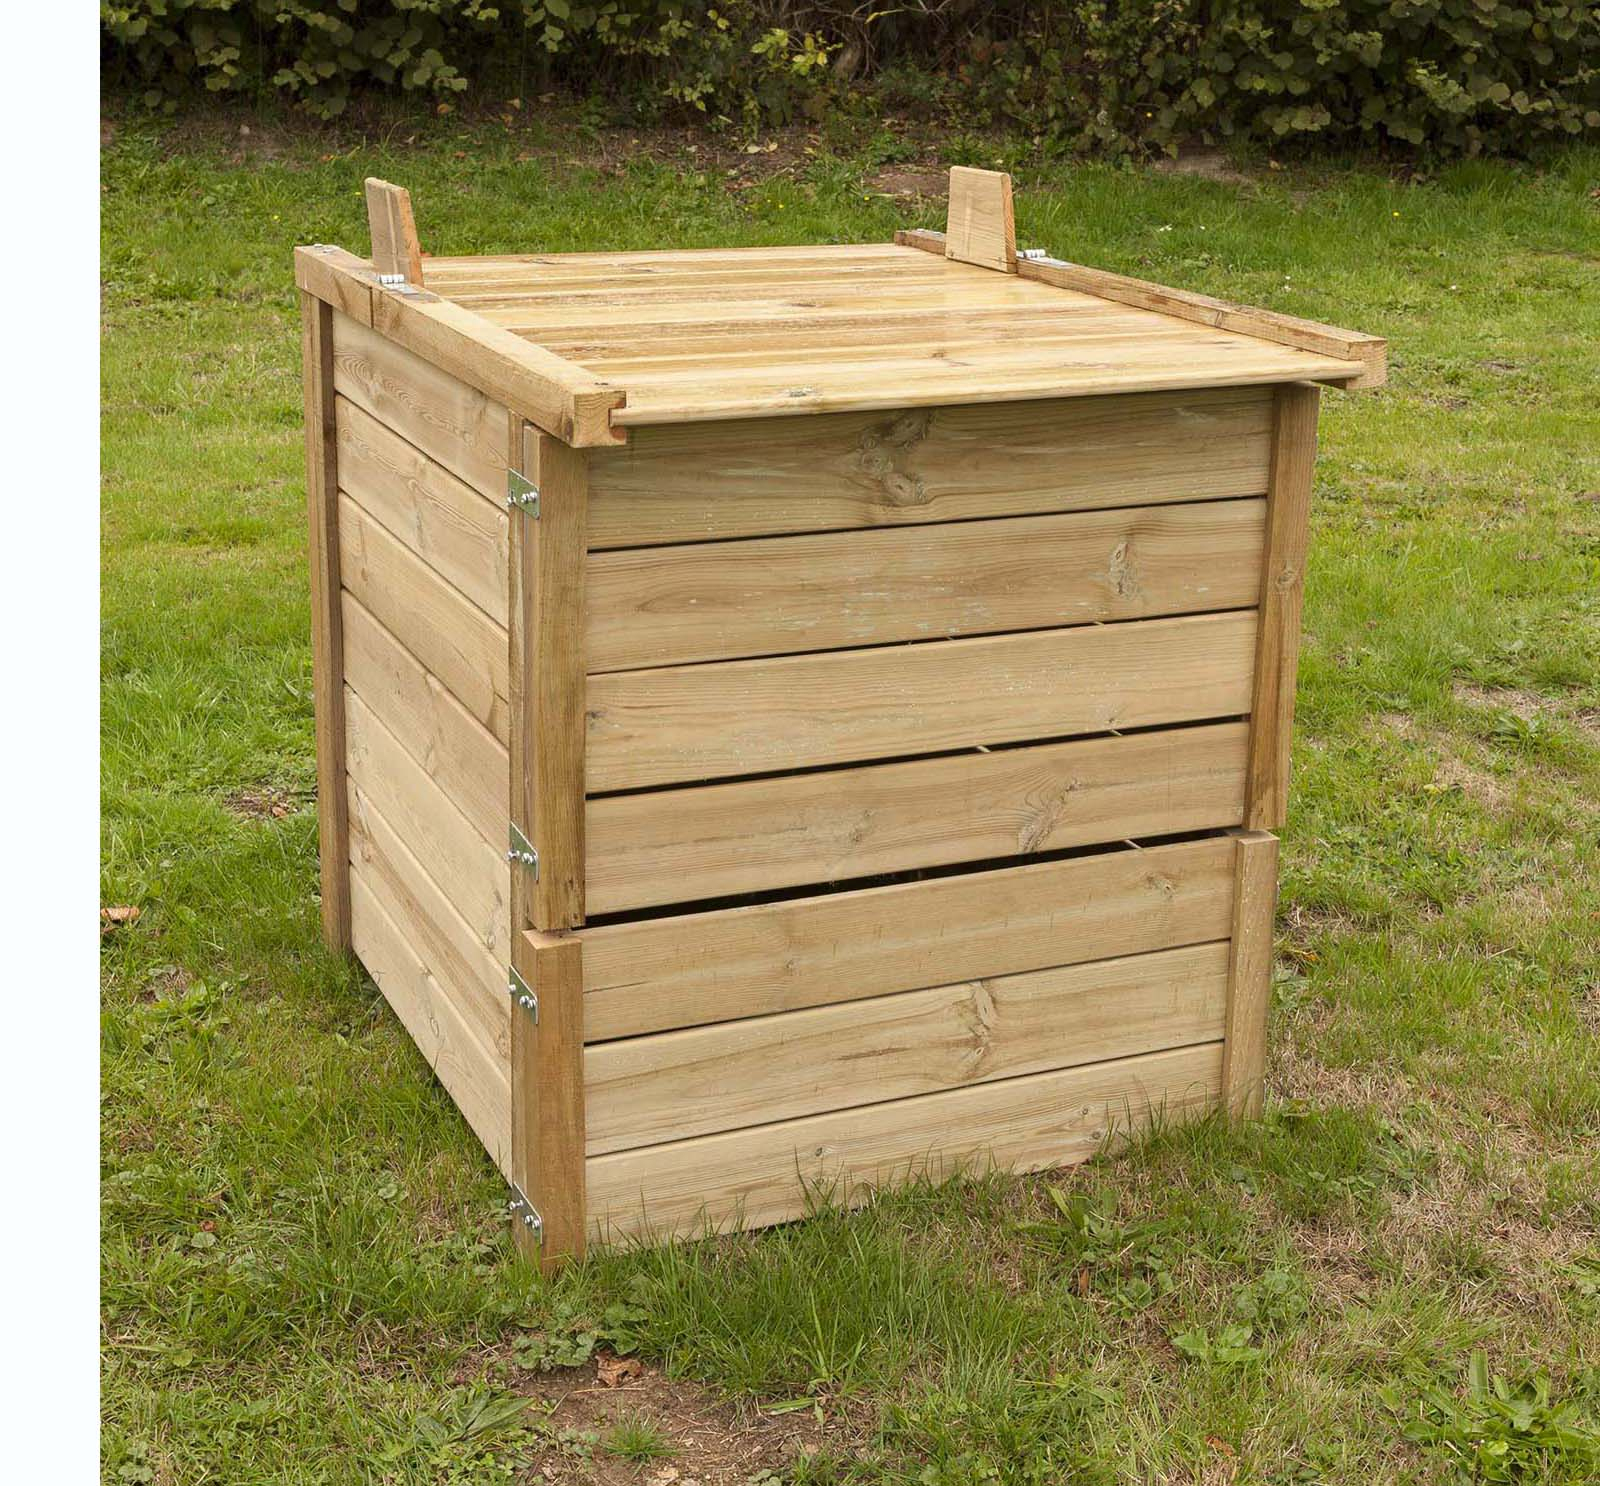 Petit Composteur : De Grands Avantages ! - Jardindeco encequiconcerne Composteur De Jardin